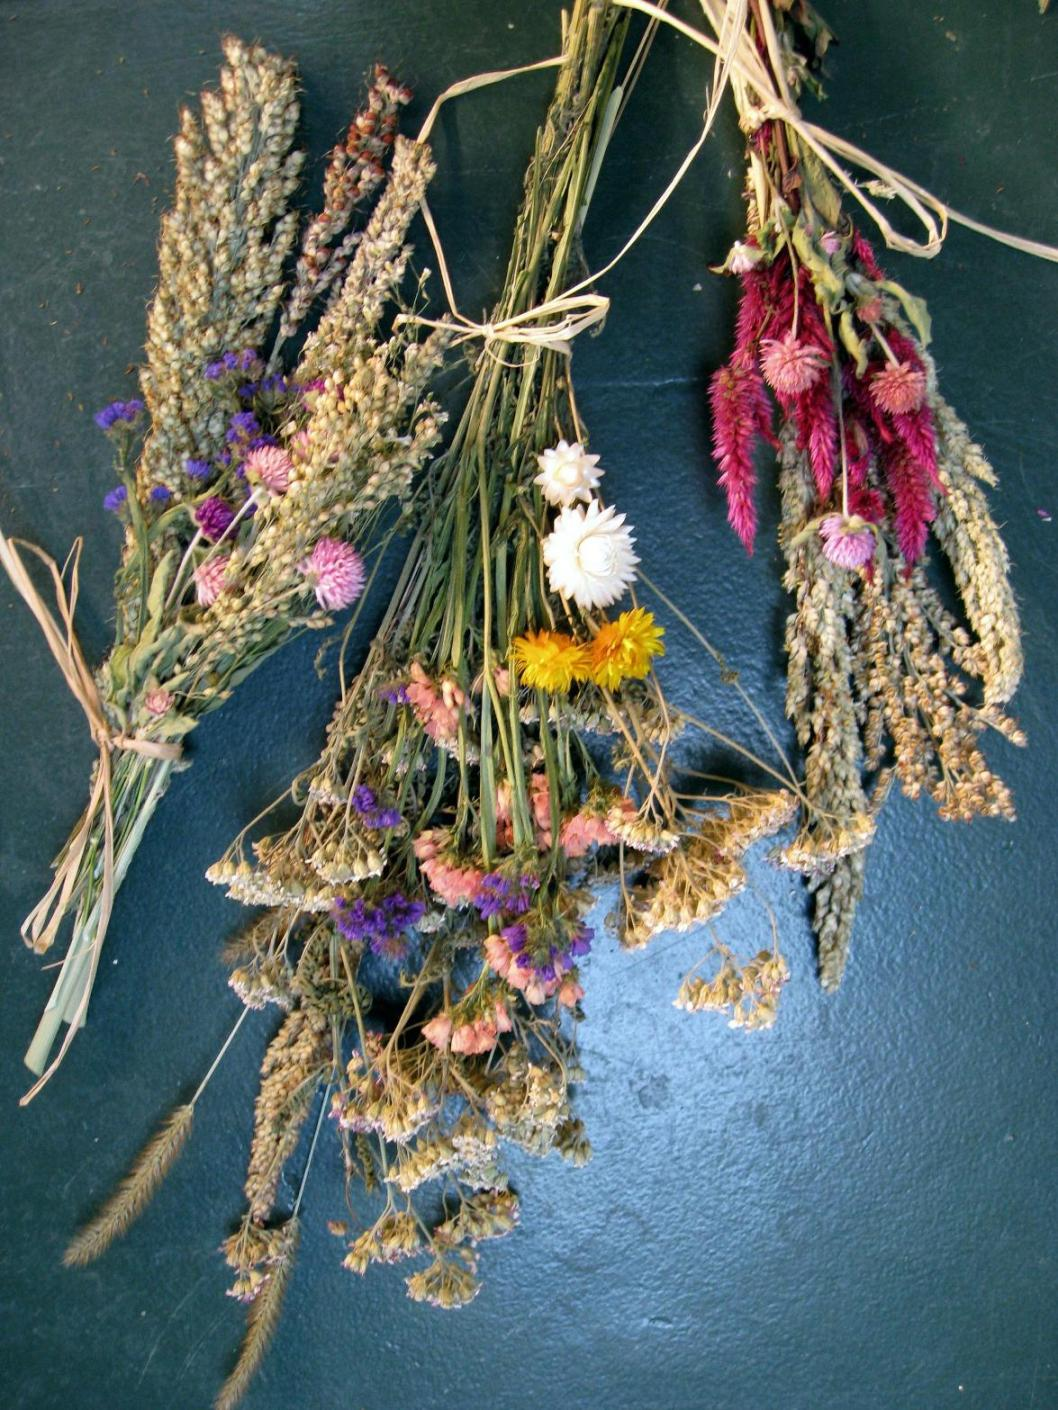 Comment Faire Secher Une Rose Fraiche séchage de fleurs, comment faire sécher ses fleurs